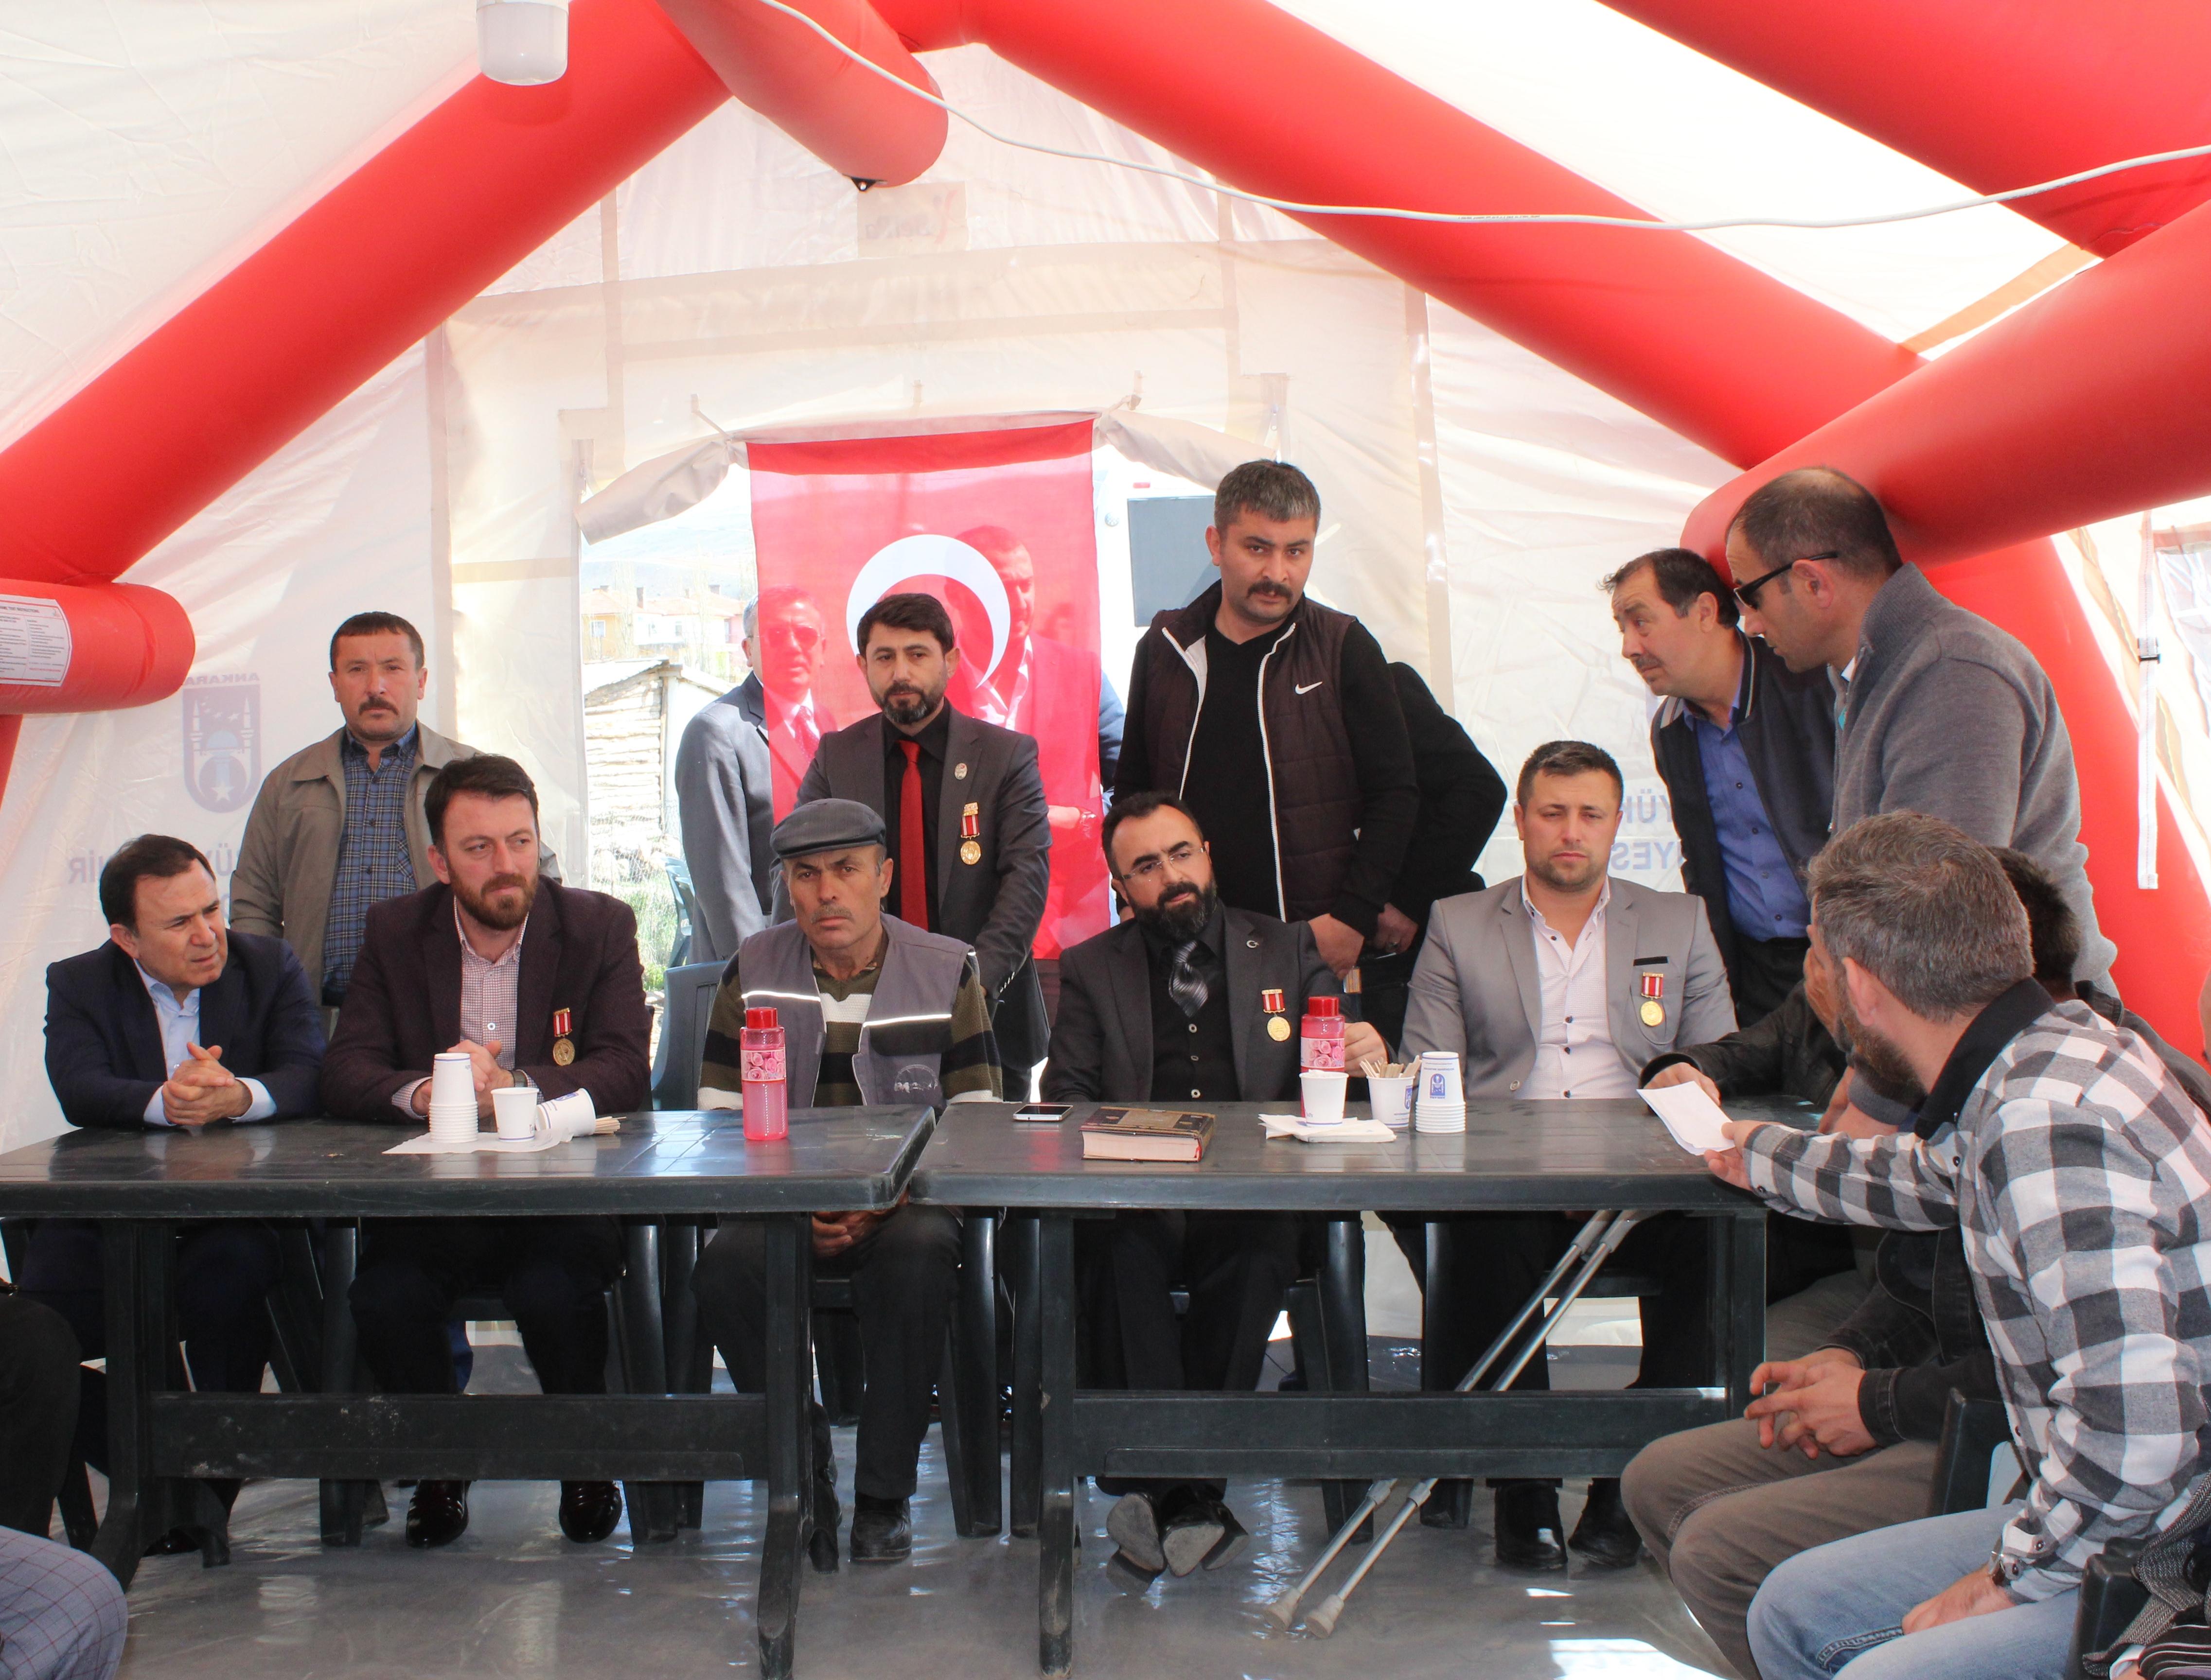 Hakkari'de şehit olan Sözleşmeli Er Yener Kırıkçı'nın Ankara Çubuk'taki baba ocağına taziye ziyaretinde bulunduk.